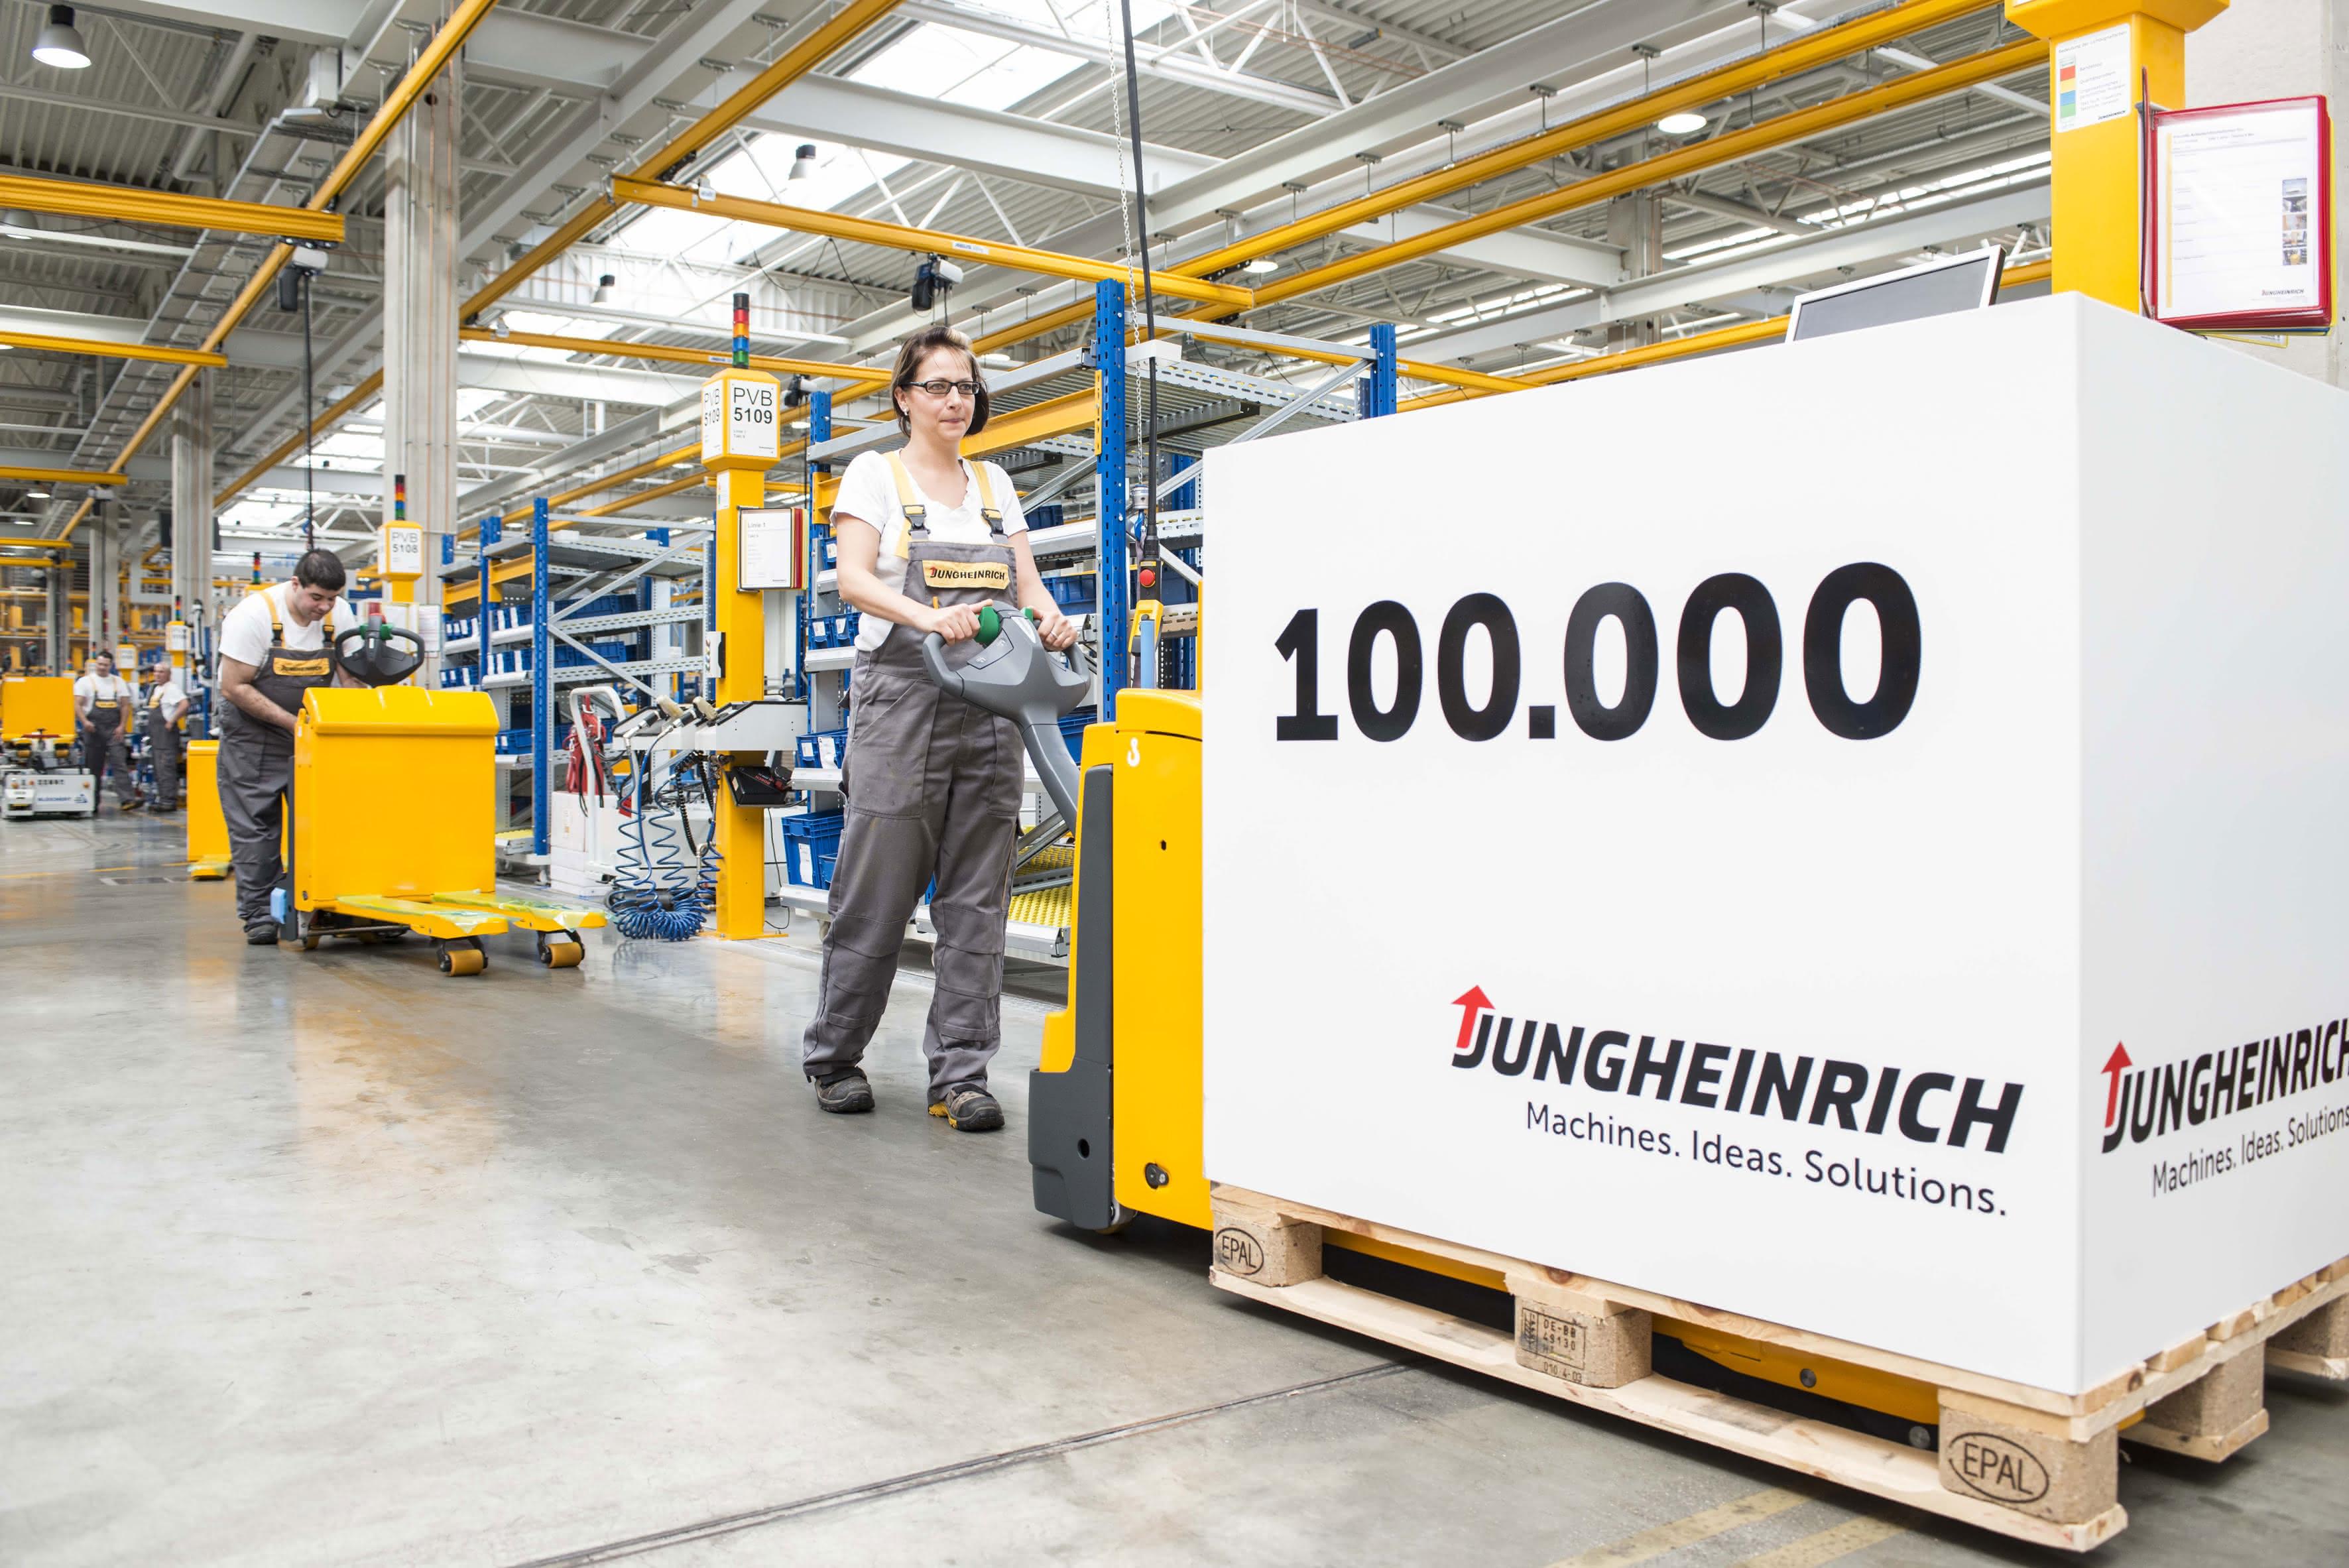 Jubiläumsfahrzeug: Jungheinrich liefert das 100.000ste Fahrzeug aus